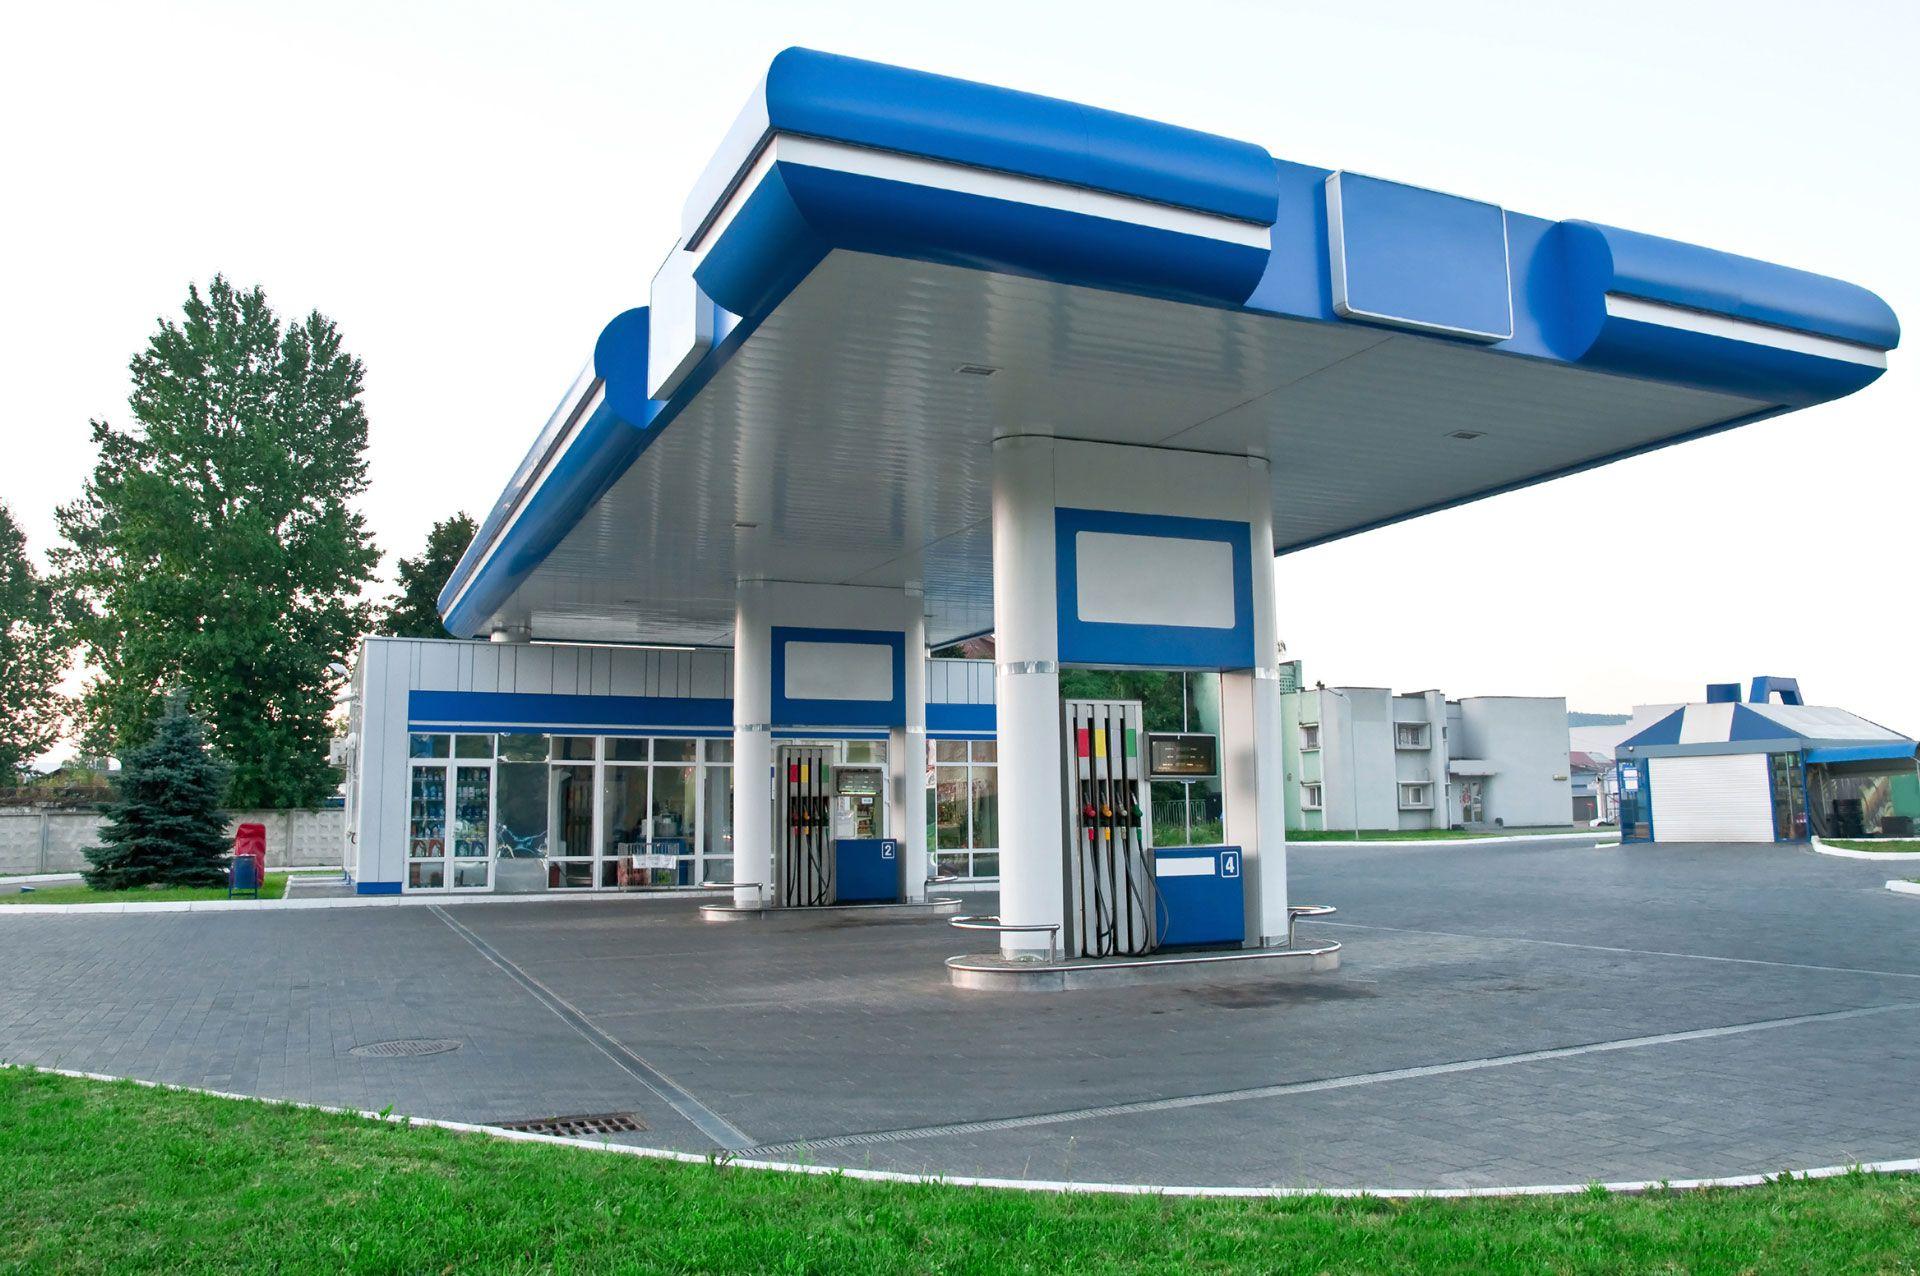 bensinstasjon bygning modulbygg